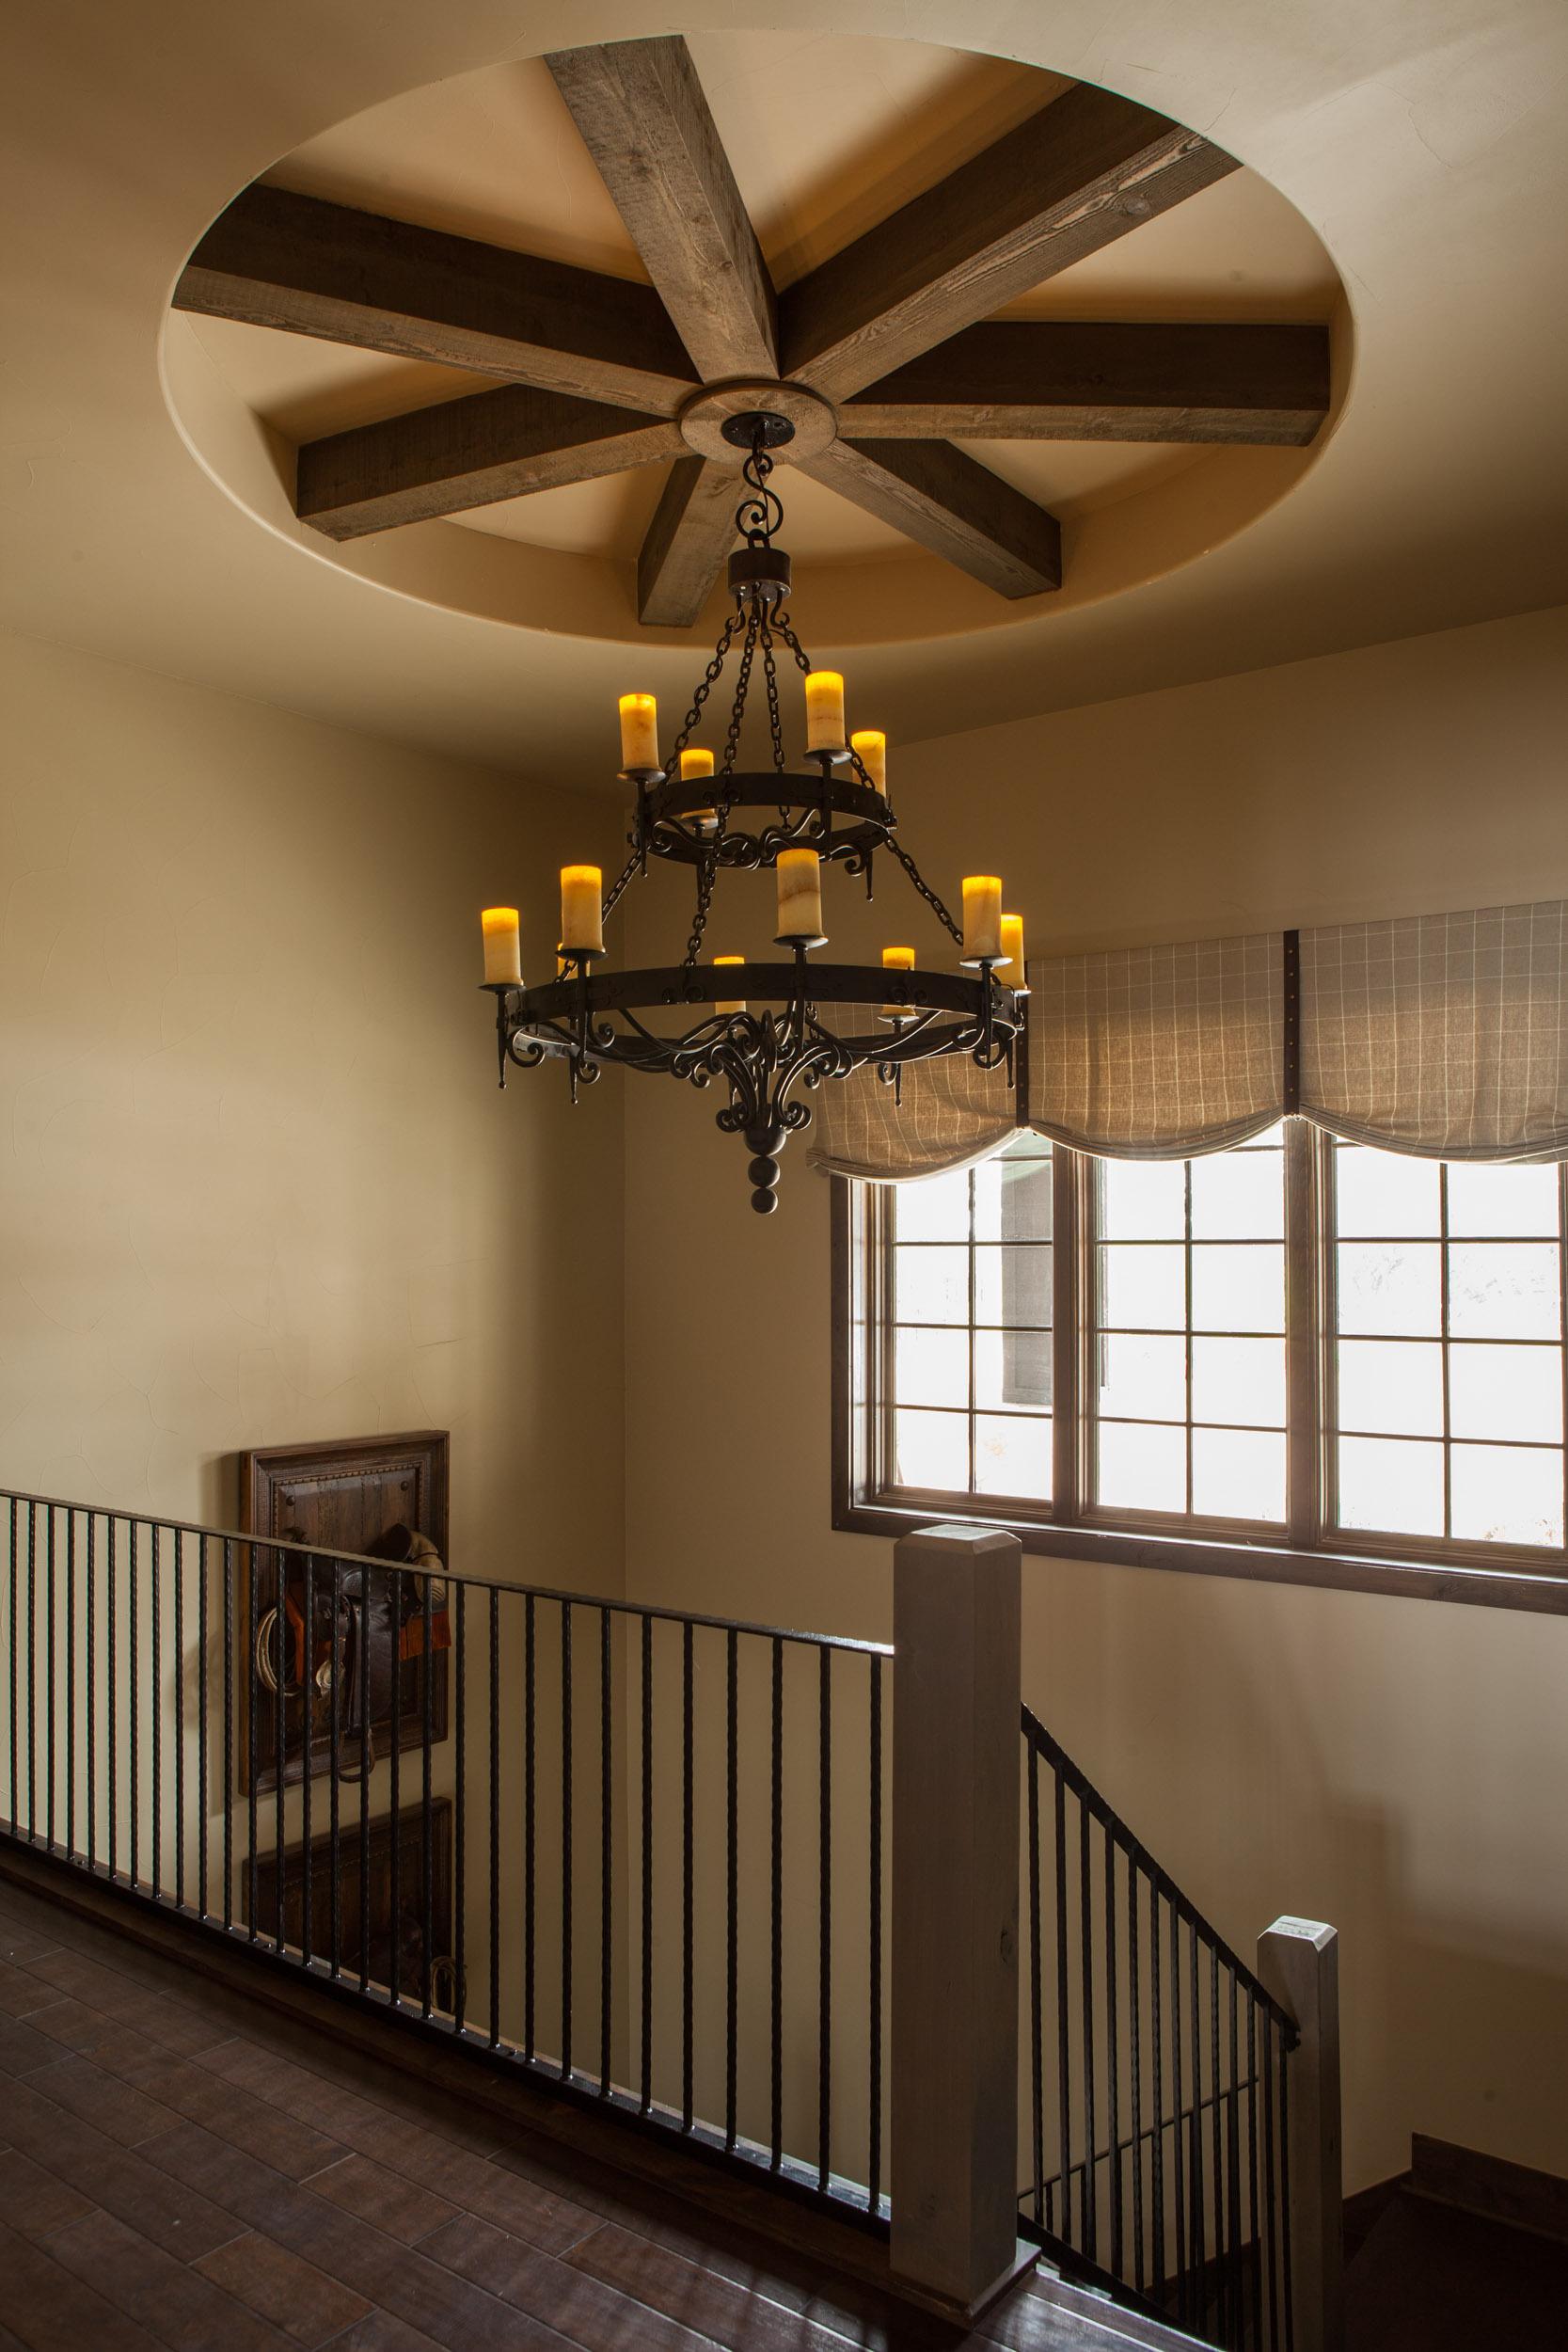 austin-house-stairs-chandelier-interior-design.jpg